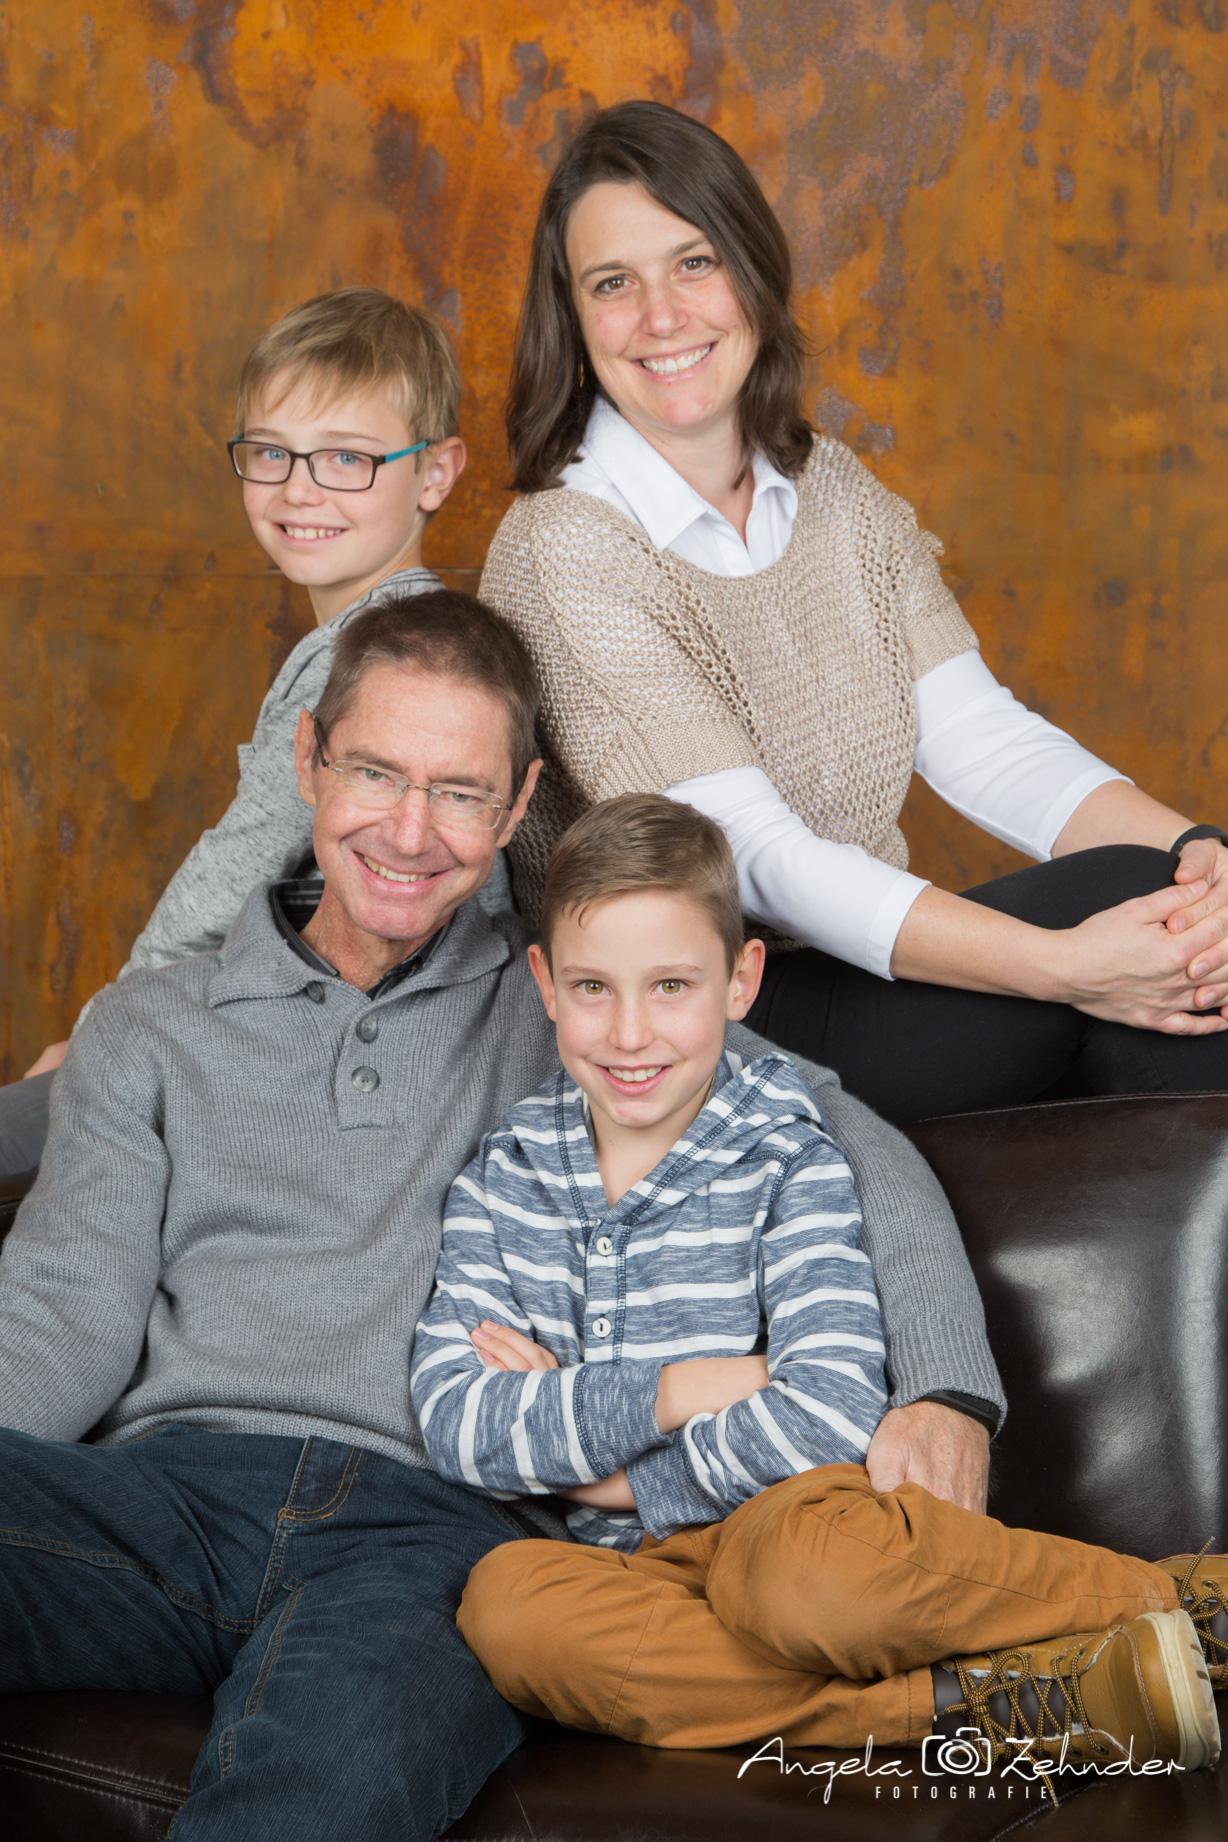 zehnder-fotografie-family-28